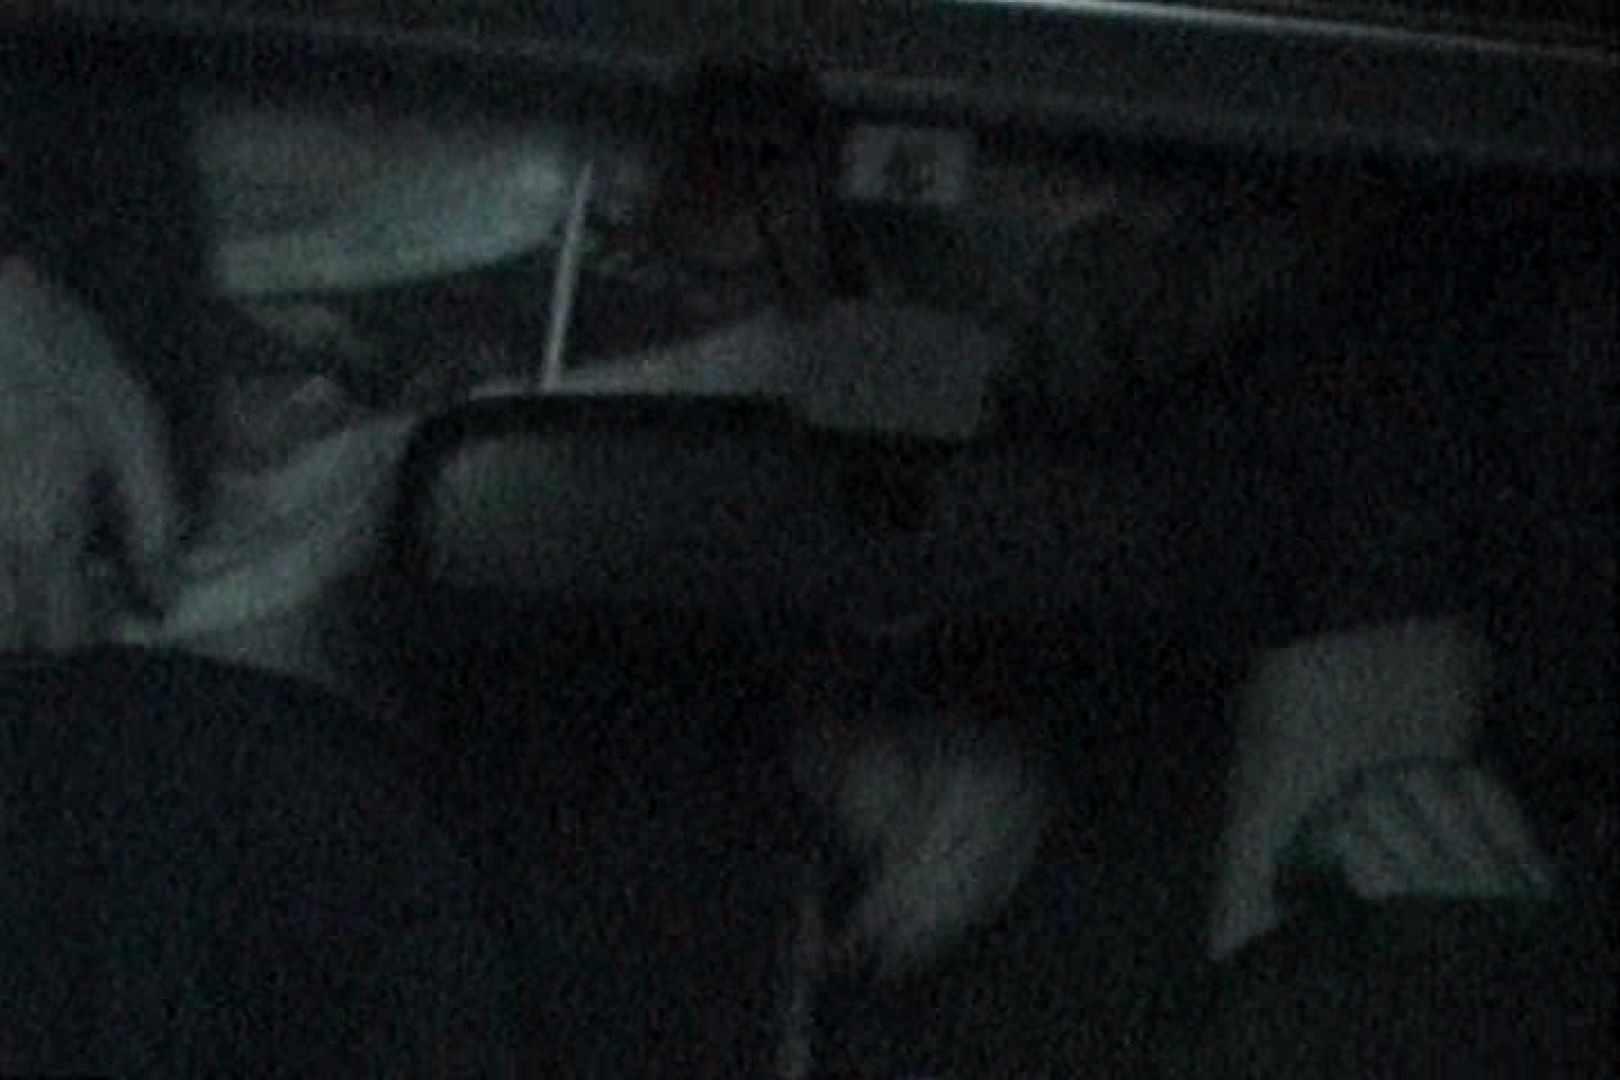 充血監督の深夜の運動会Vol.140 エロティックなOL エロ無料画像 71画像 11